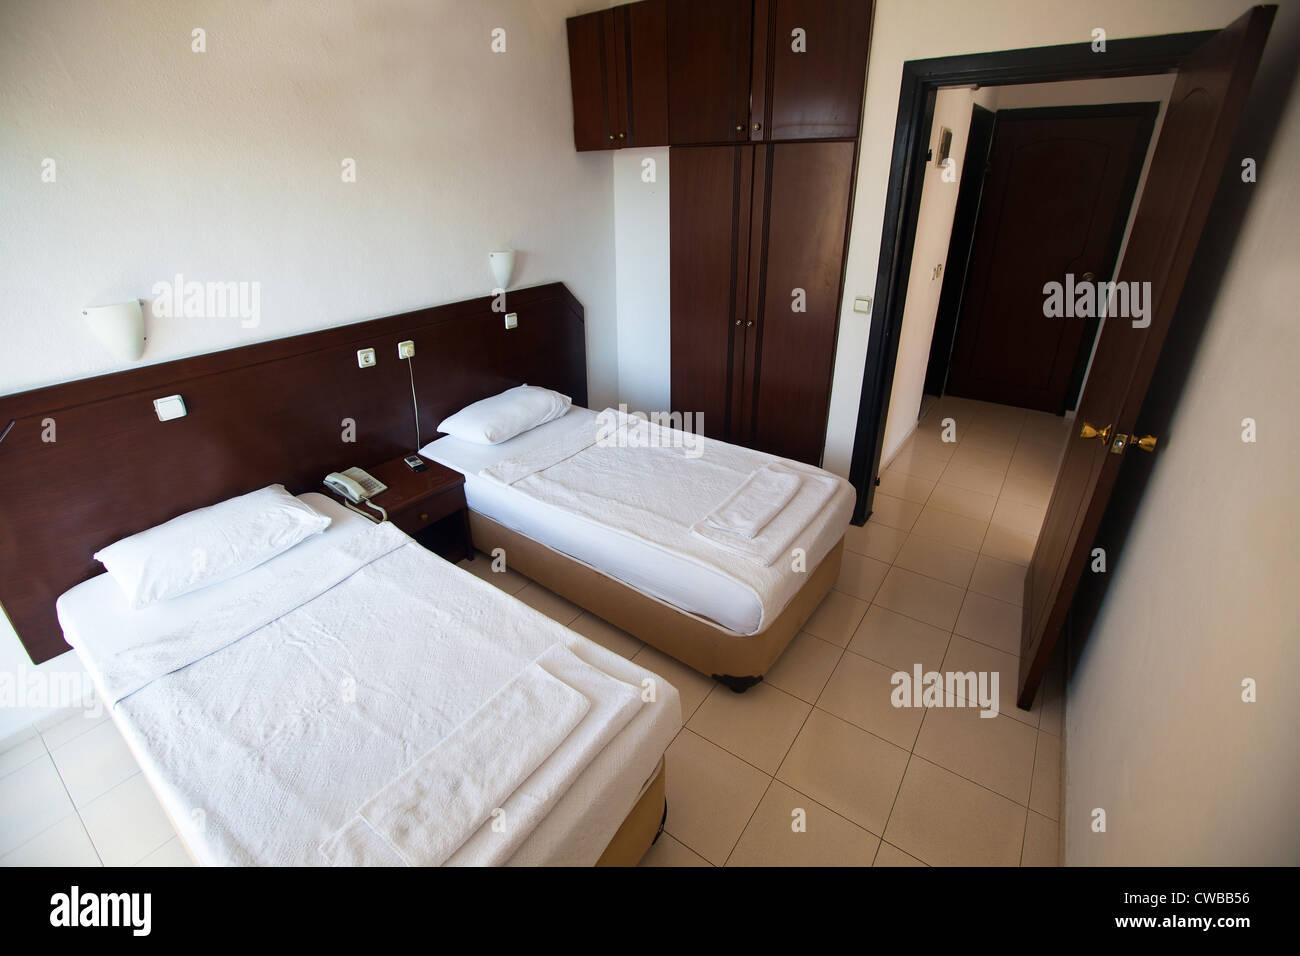 Innenraum einer preiswerten Motels mit zwei Betten Stockbild